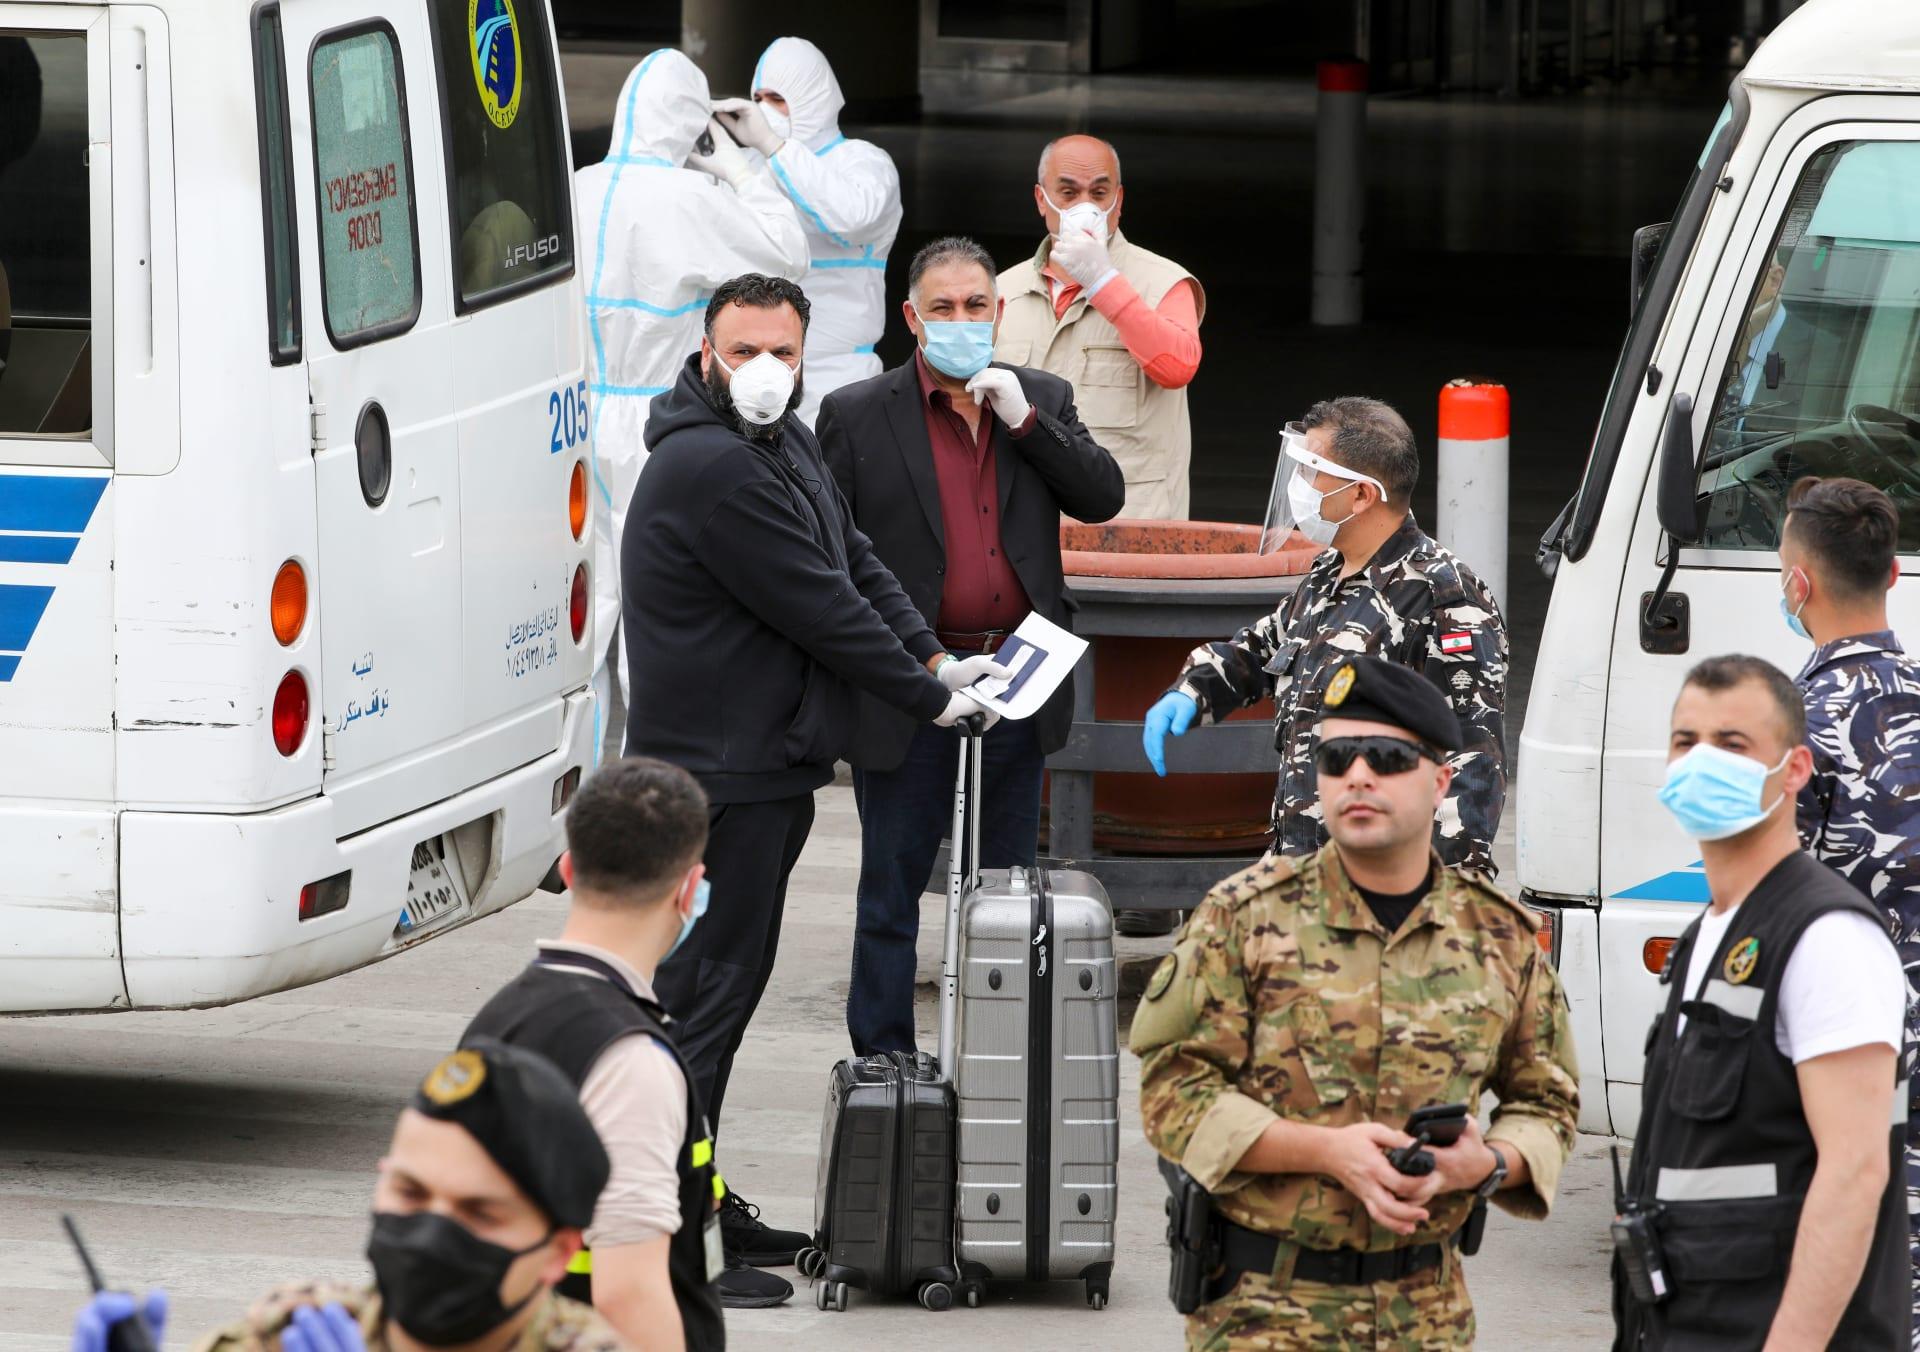 السلطات اللبنانية تستقبل عدد من المواطنين القادمين من الخارج بعد تفشي كورونا